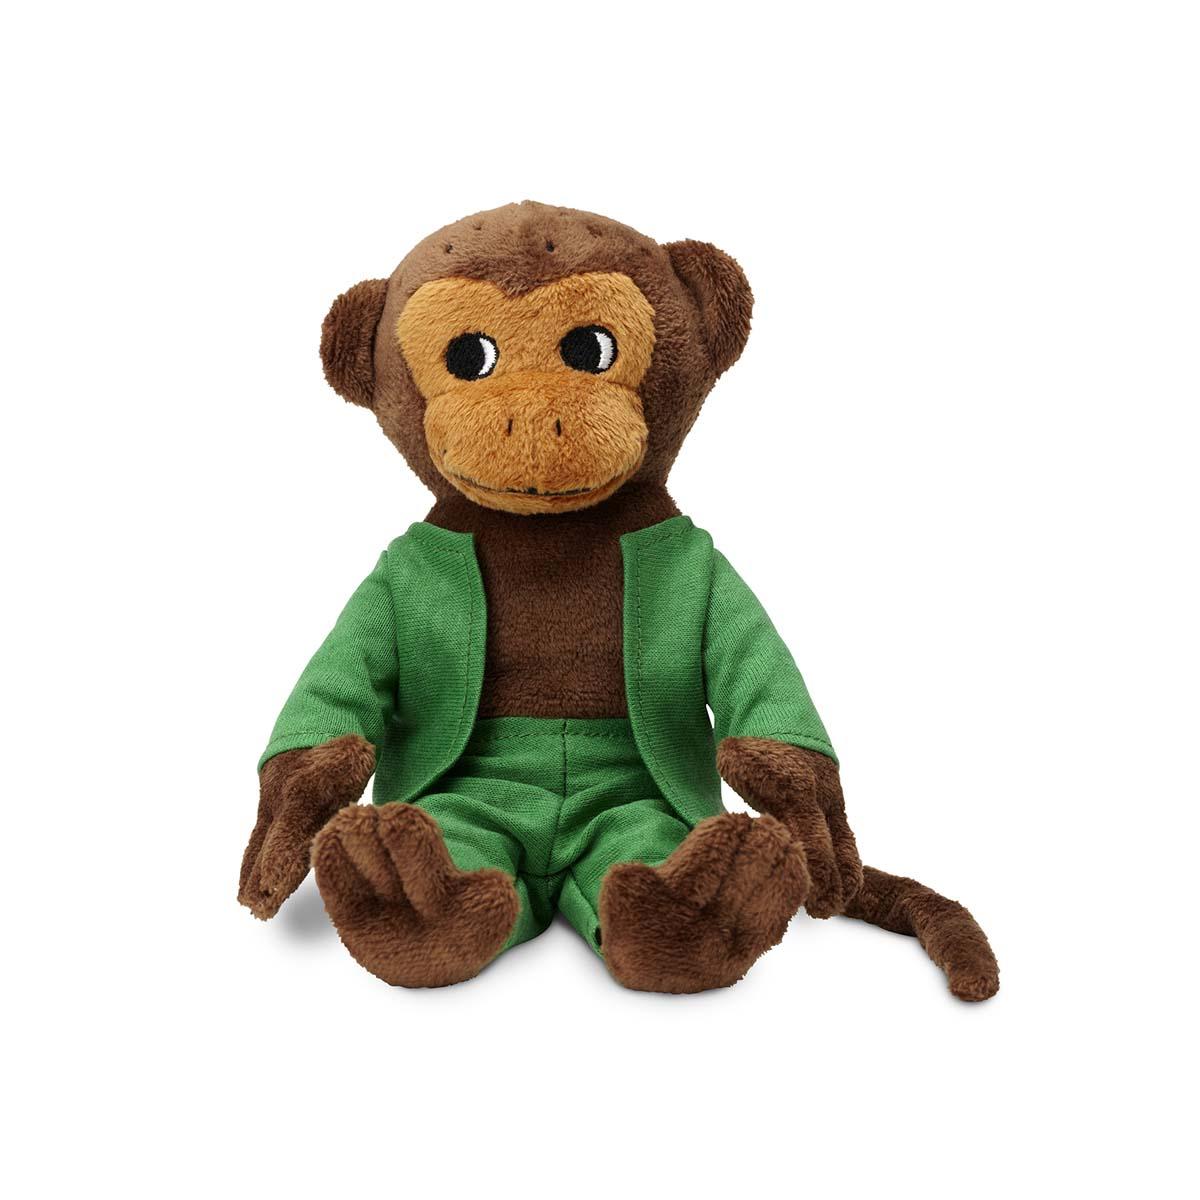 Мягкая игрушка Пеппи Длинный чулок - mr Нильссон, 16 см фото